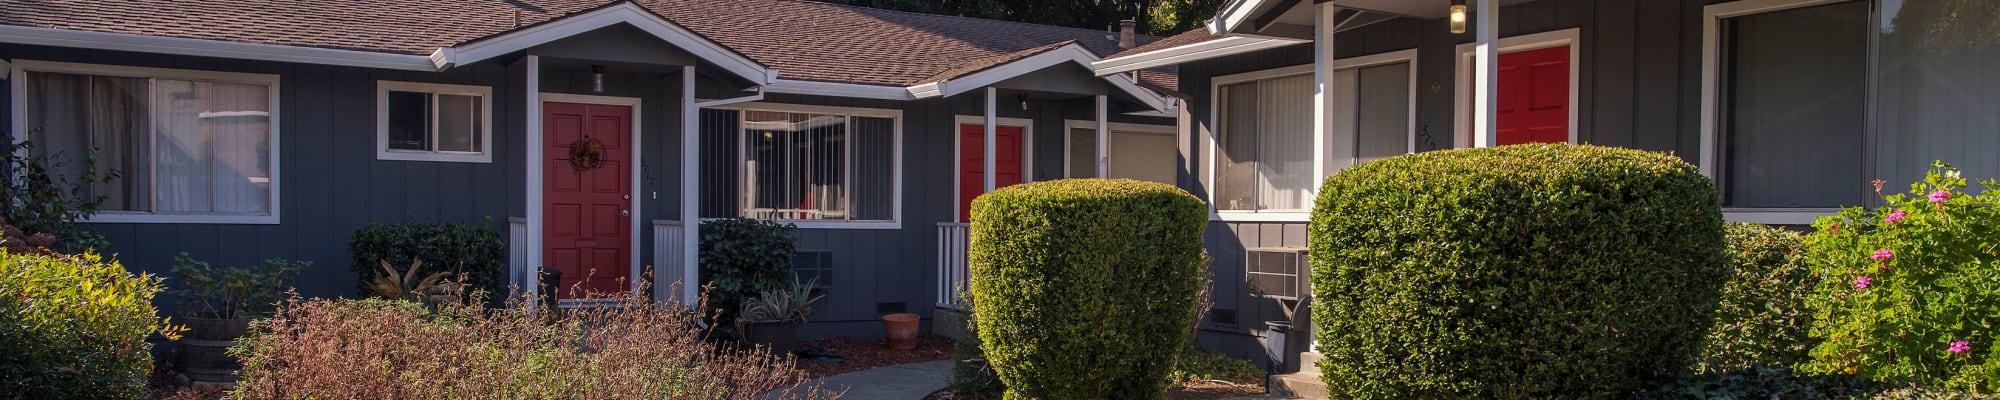 Photo gallery at Spring Lake Apartment Homes in Santa Rosa, California